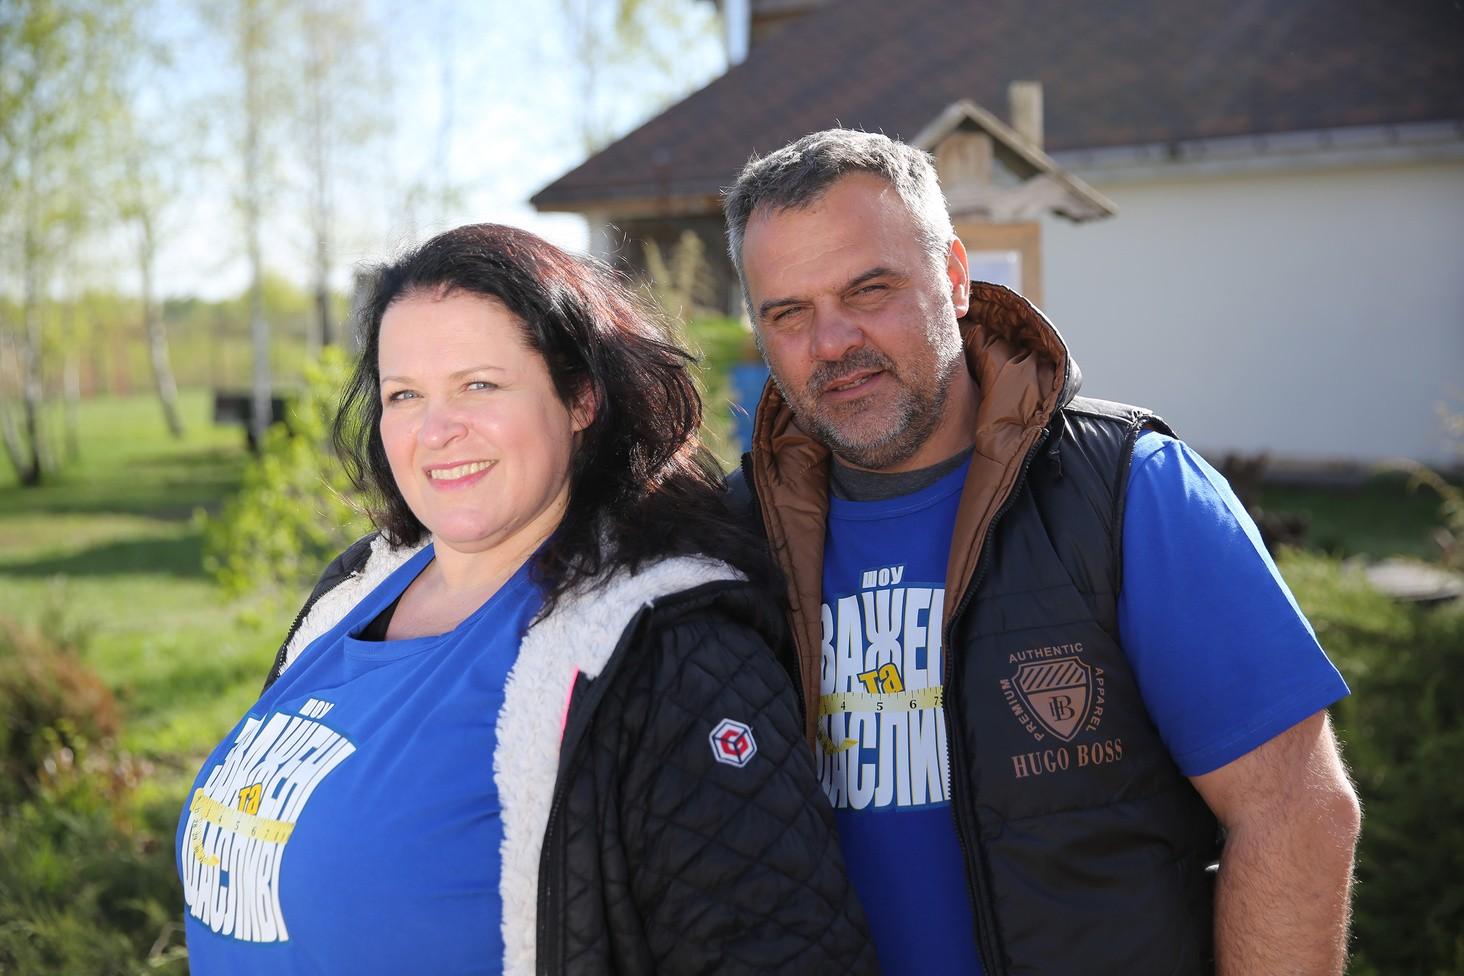 Минус 42 килограмма за 8 месяцев: телеведущая Руслана Писанка поразила результатами похудения